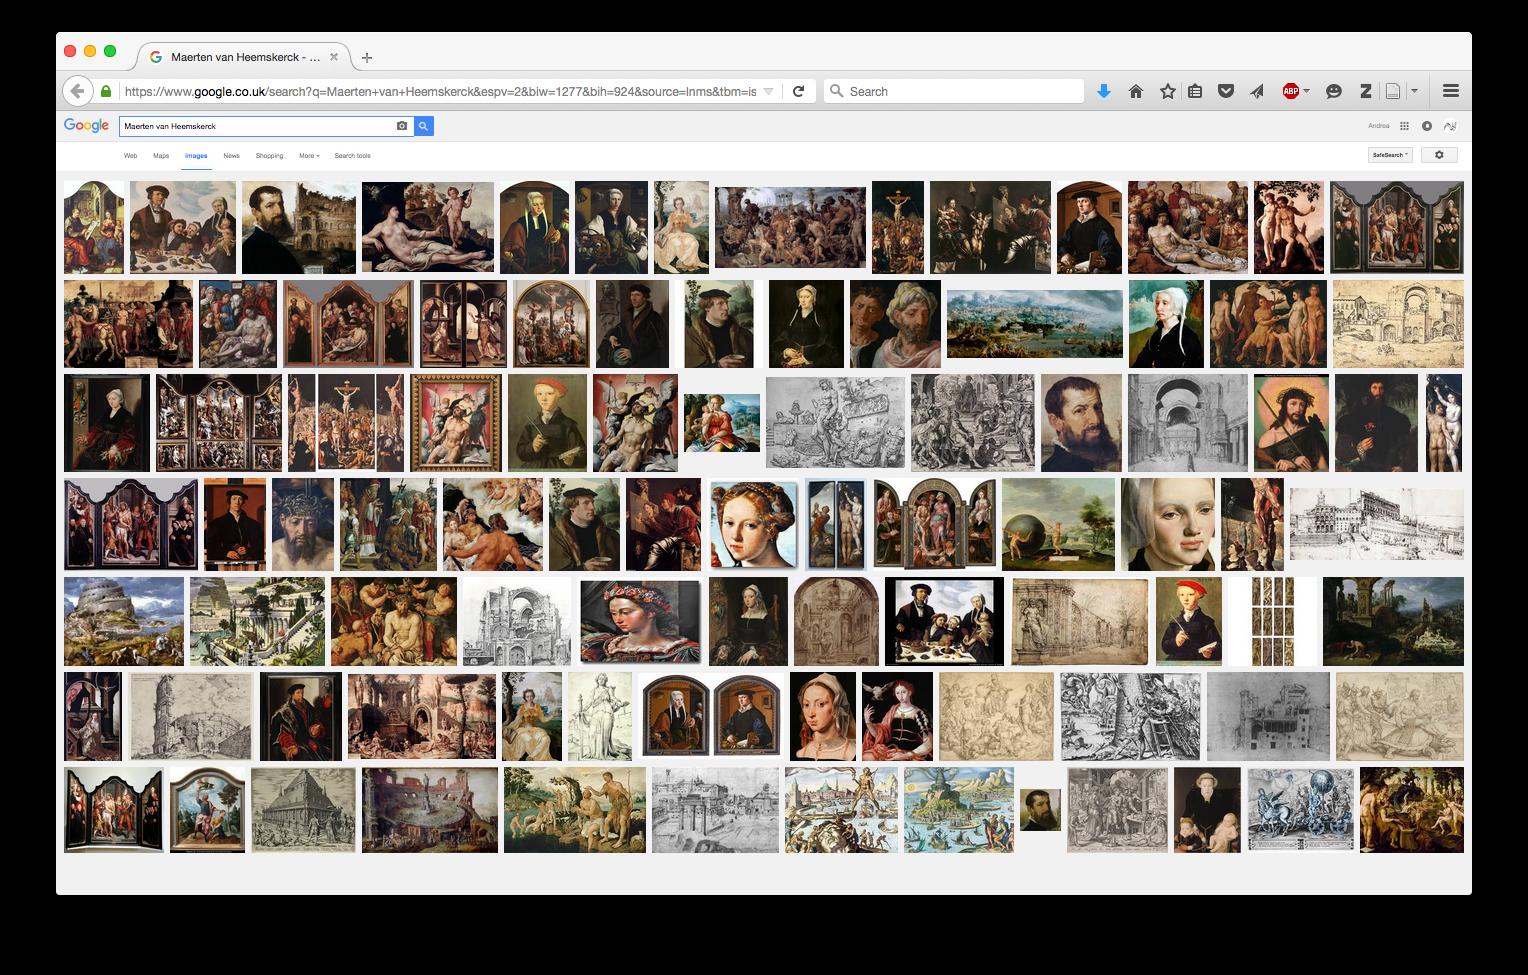 Google Image Search, Maerten van Heemskerck